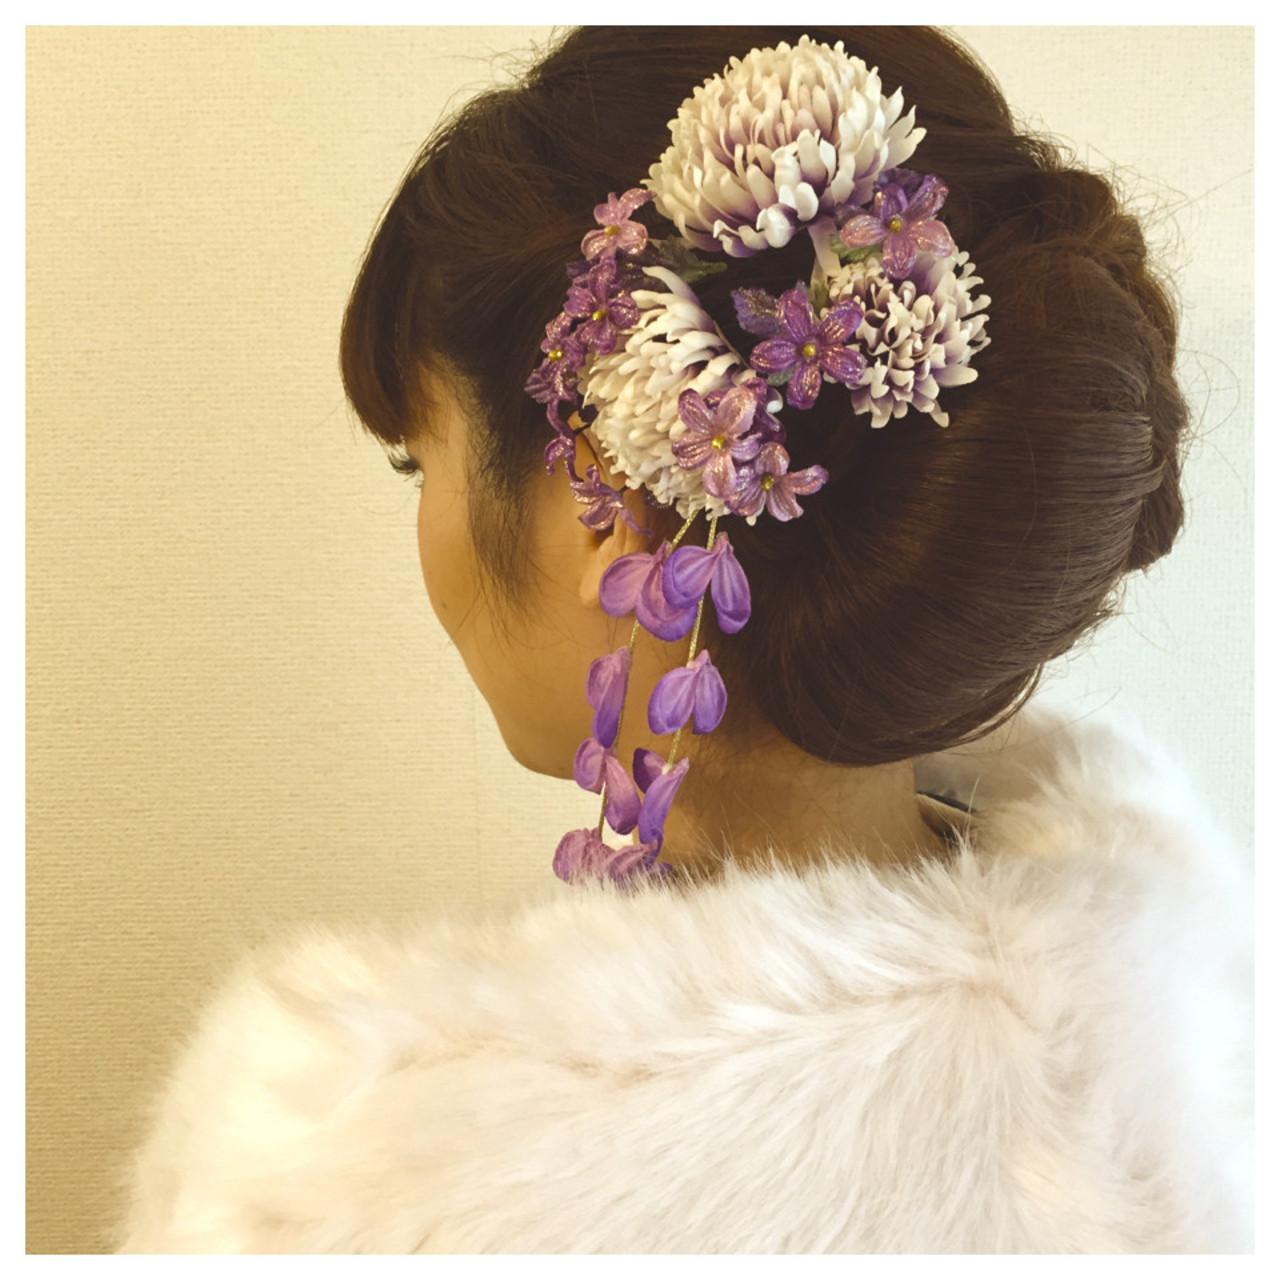 セミロング 成人式 着物 ヘアアレンジヘアスタイルや髪型の写真・画像